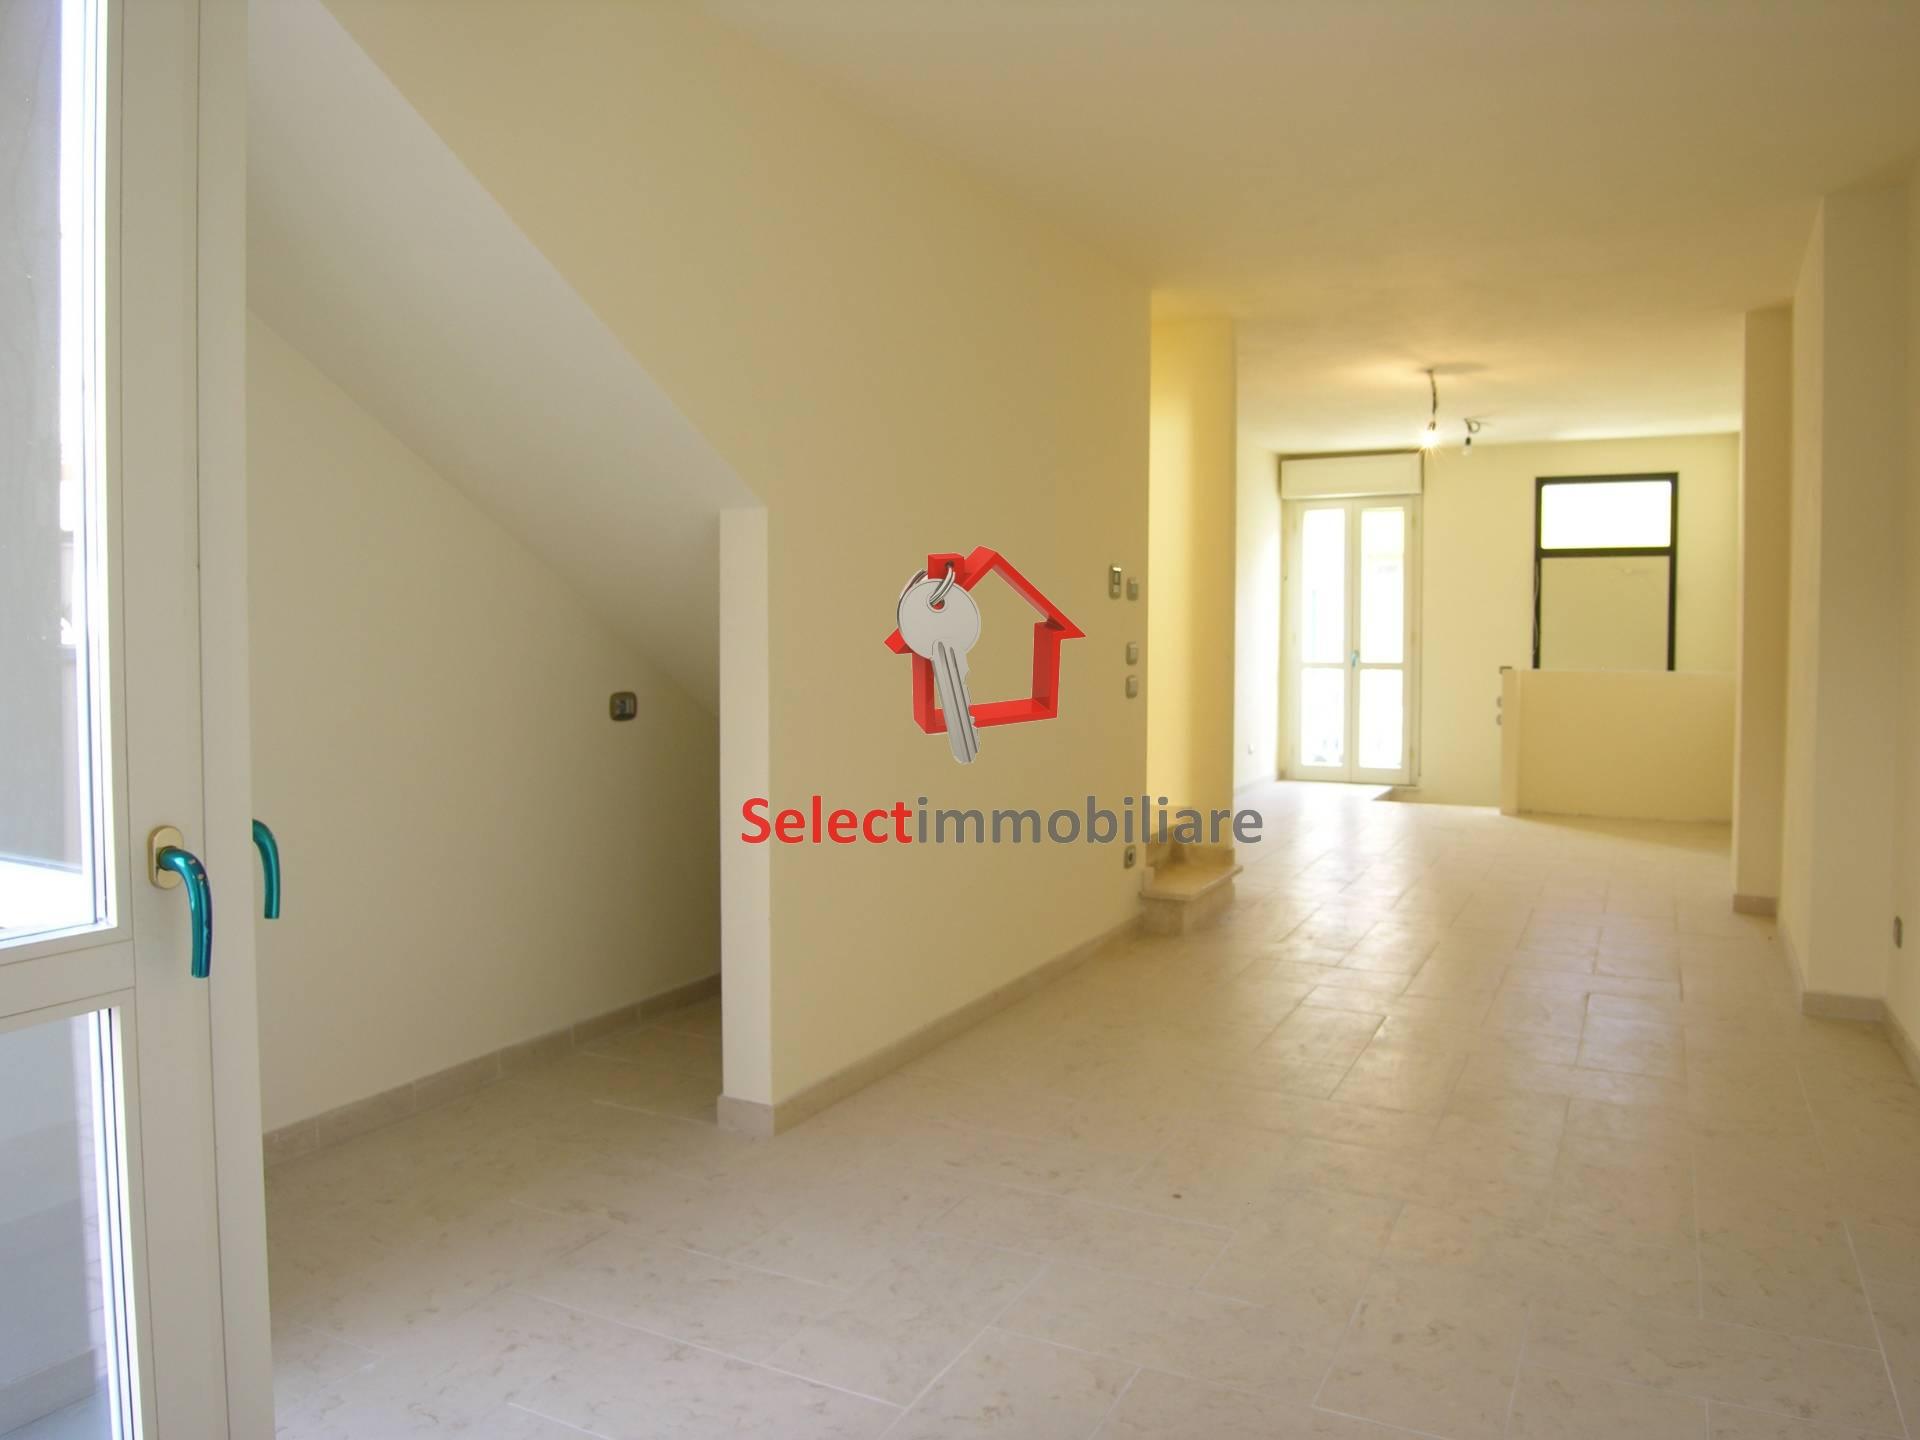 Villa in vendita a Viareggio, 4 locali, zona Località: CENTROMERCATO, prezzo € 494.000 | CambioCasa.it